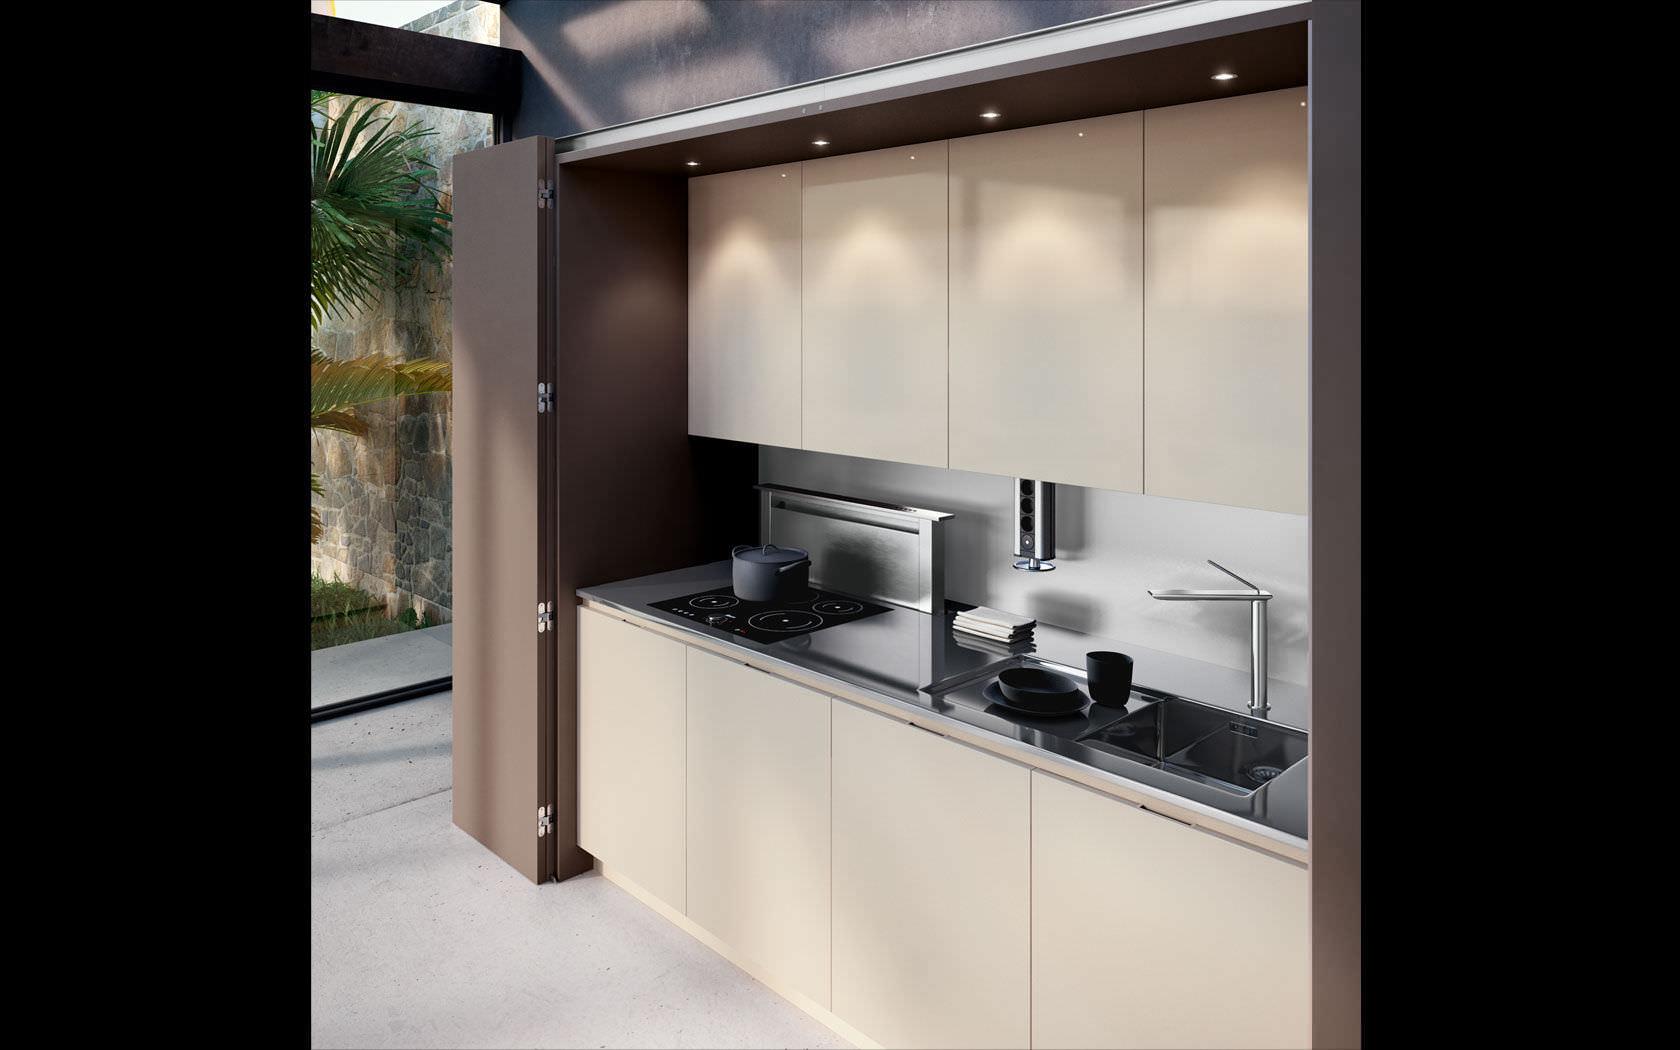 Cucina moderna / in legno / a scomparsa / senza maniglie ...